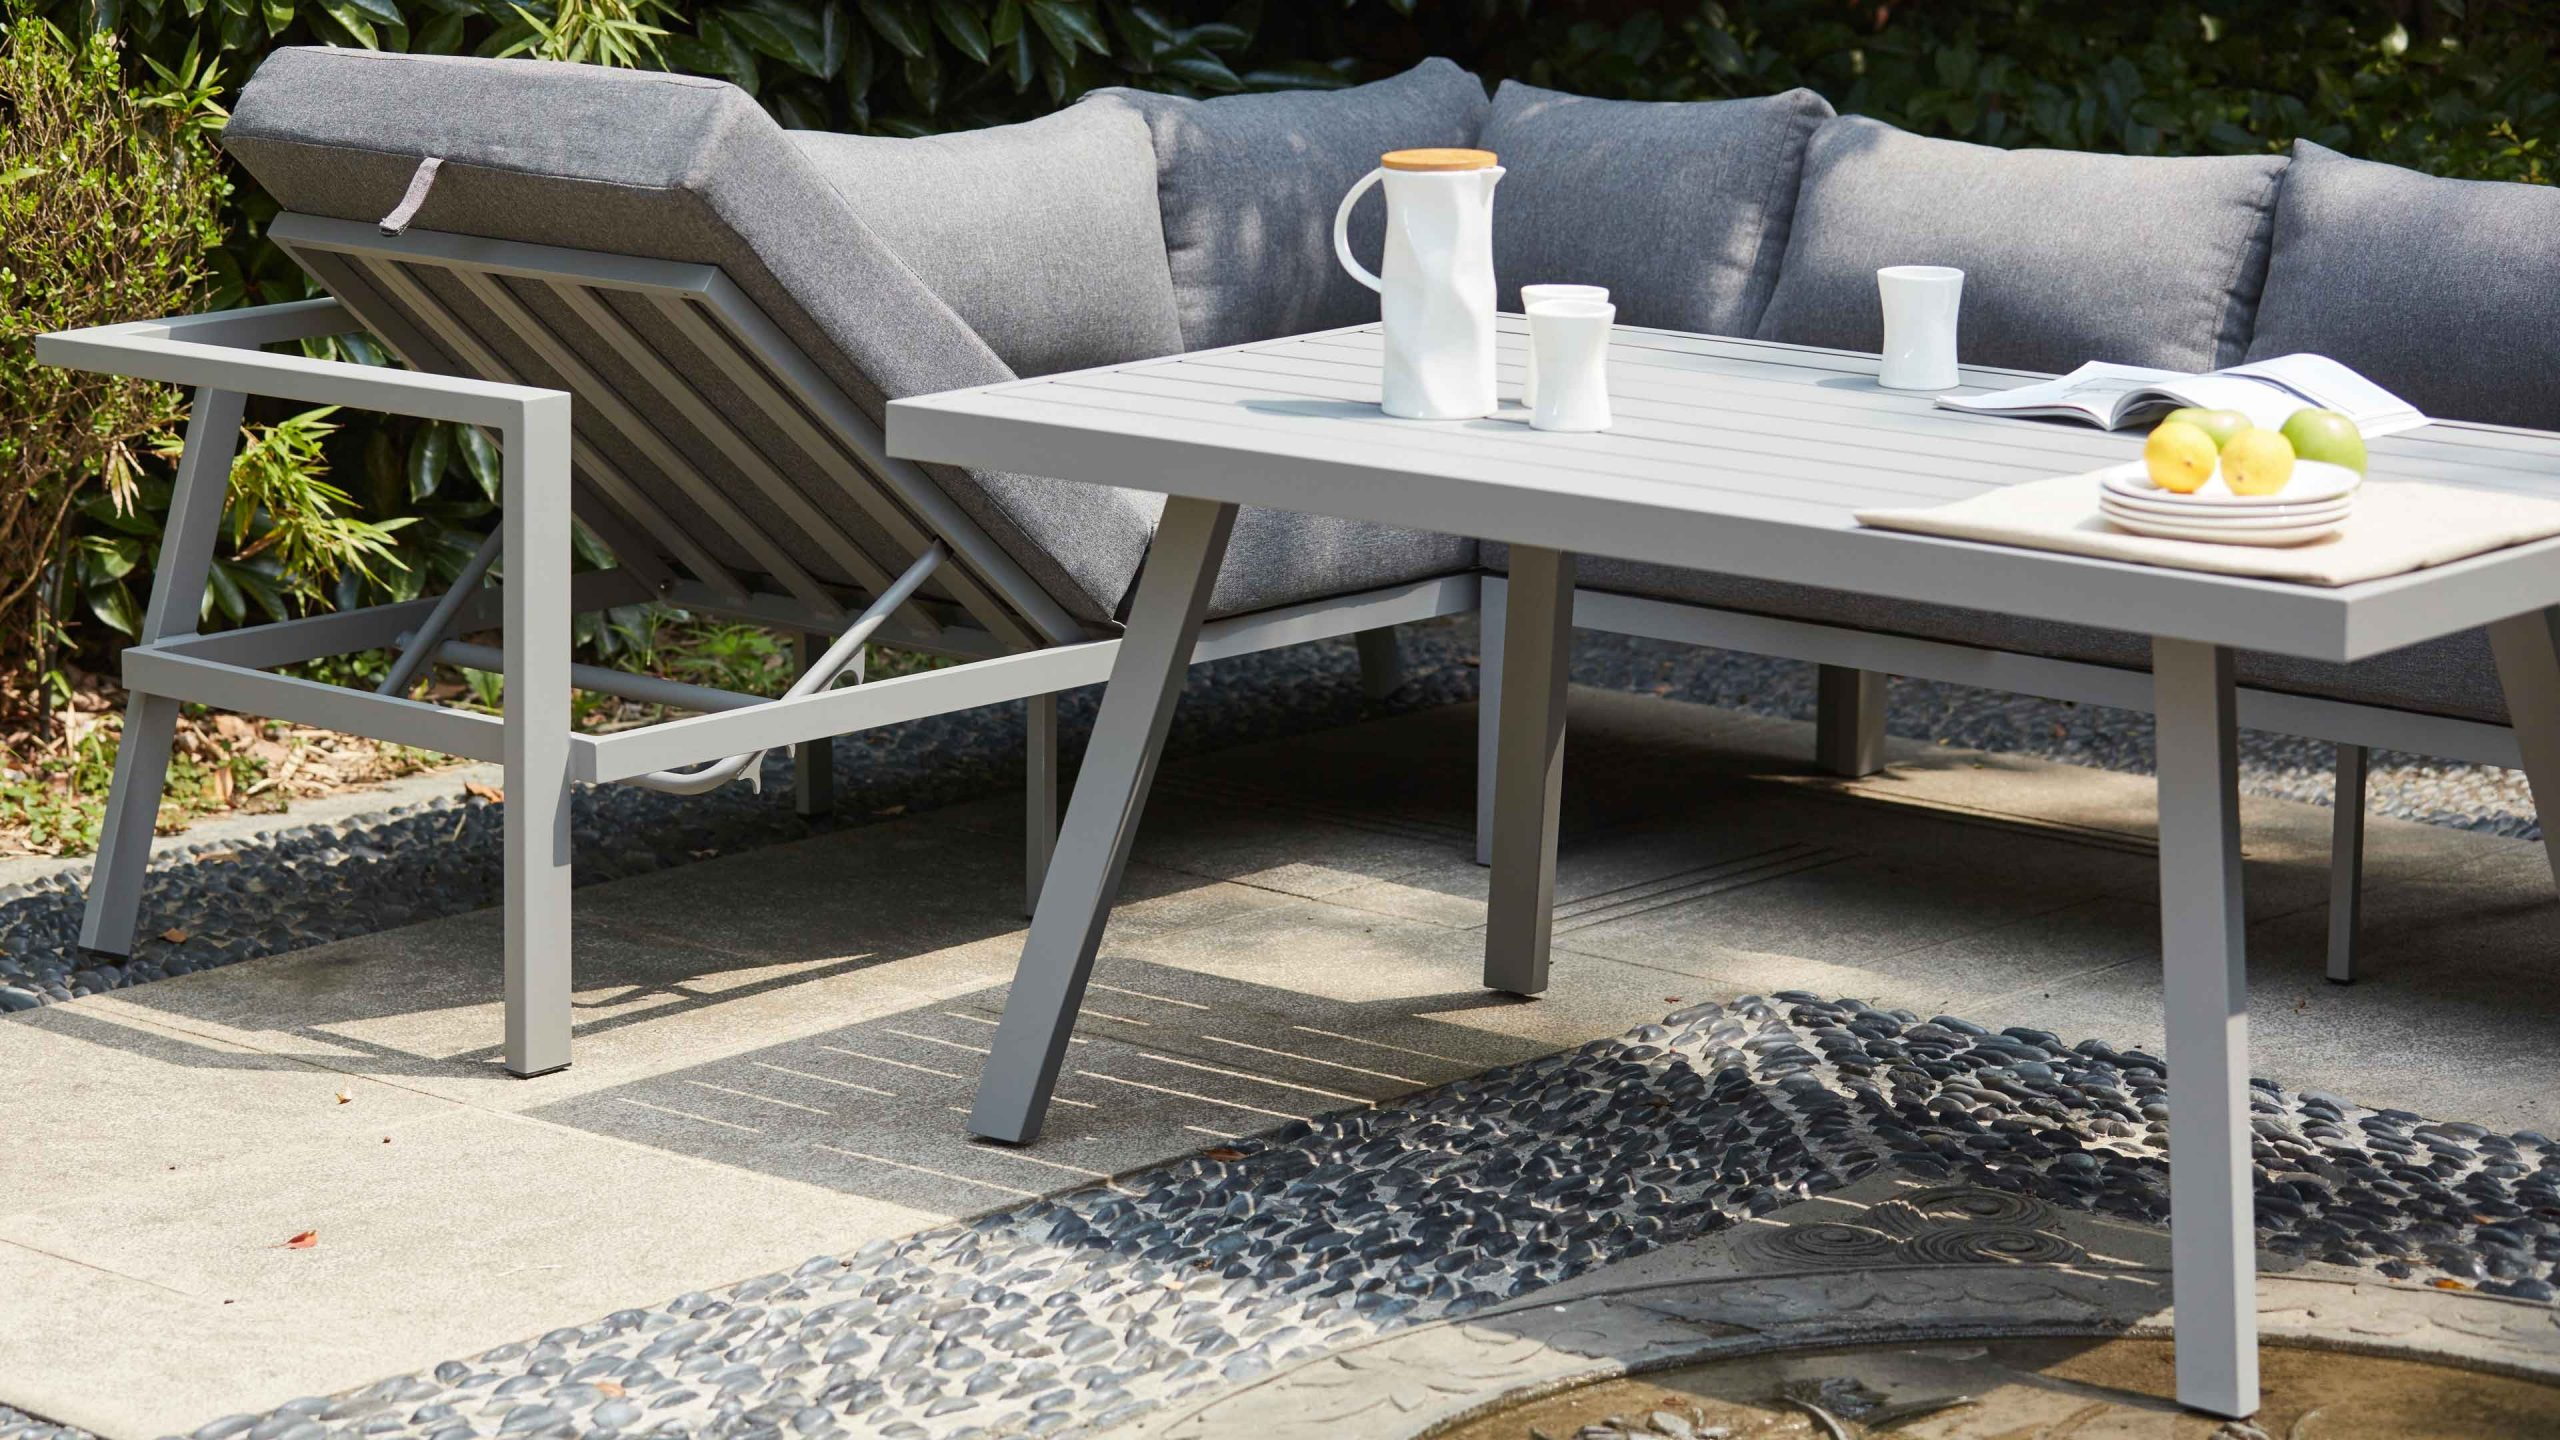 Salon Jardin Table Fauteuil Canapé D'angle destiné Salon De Jardin Aluminium 8 Places